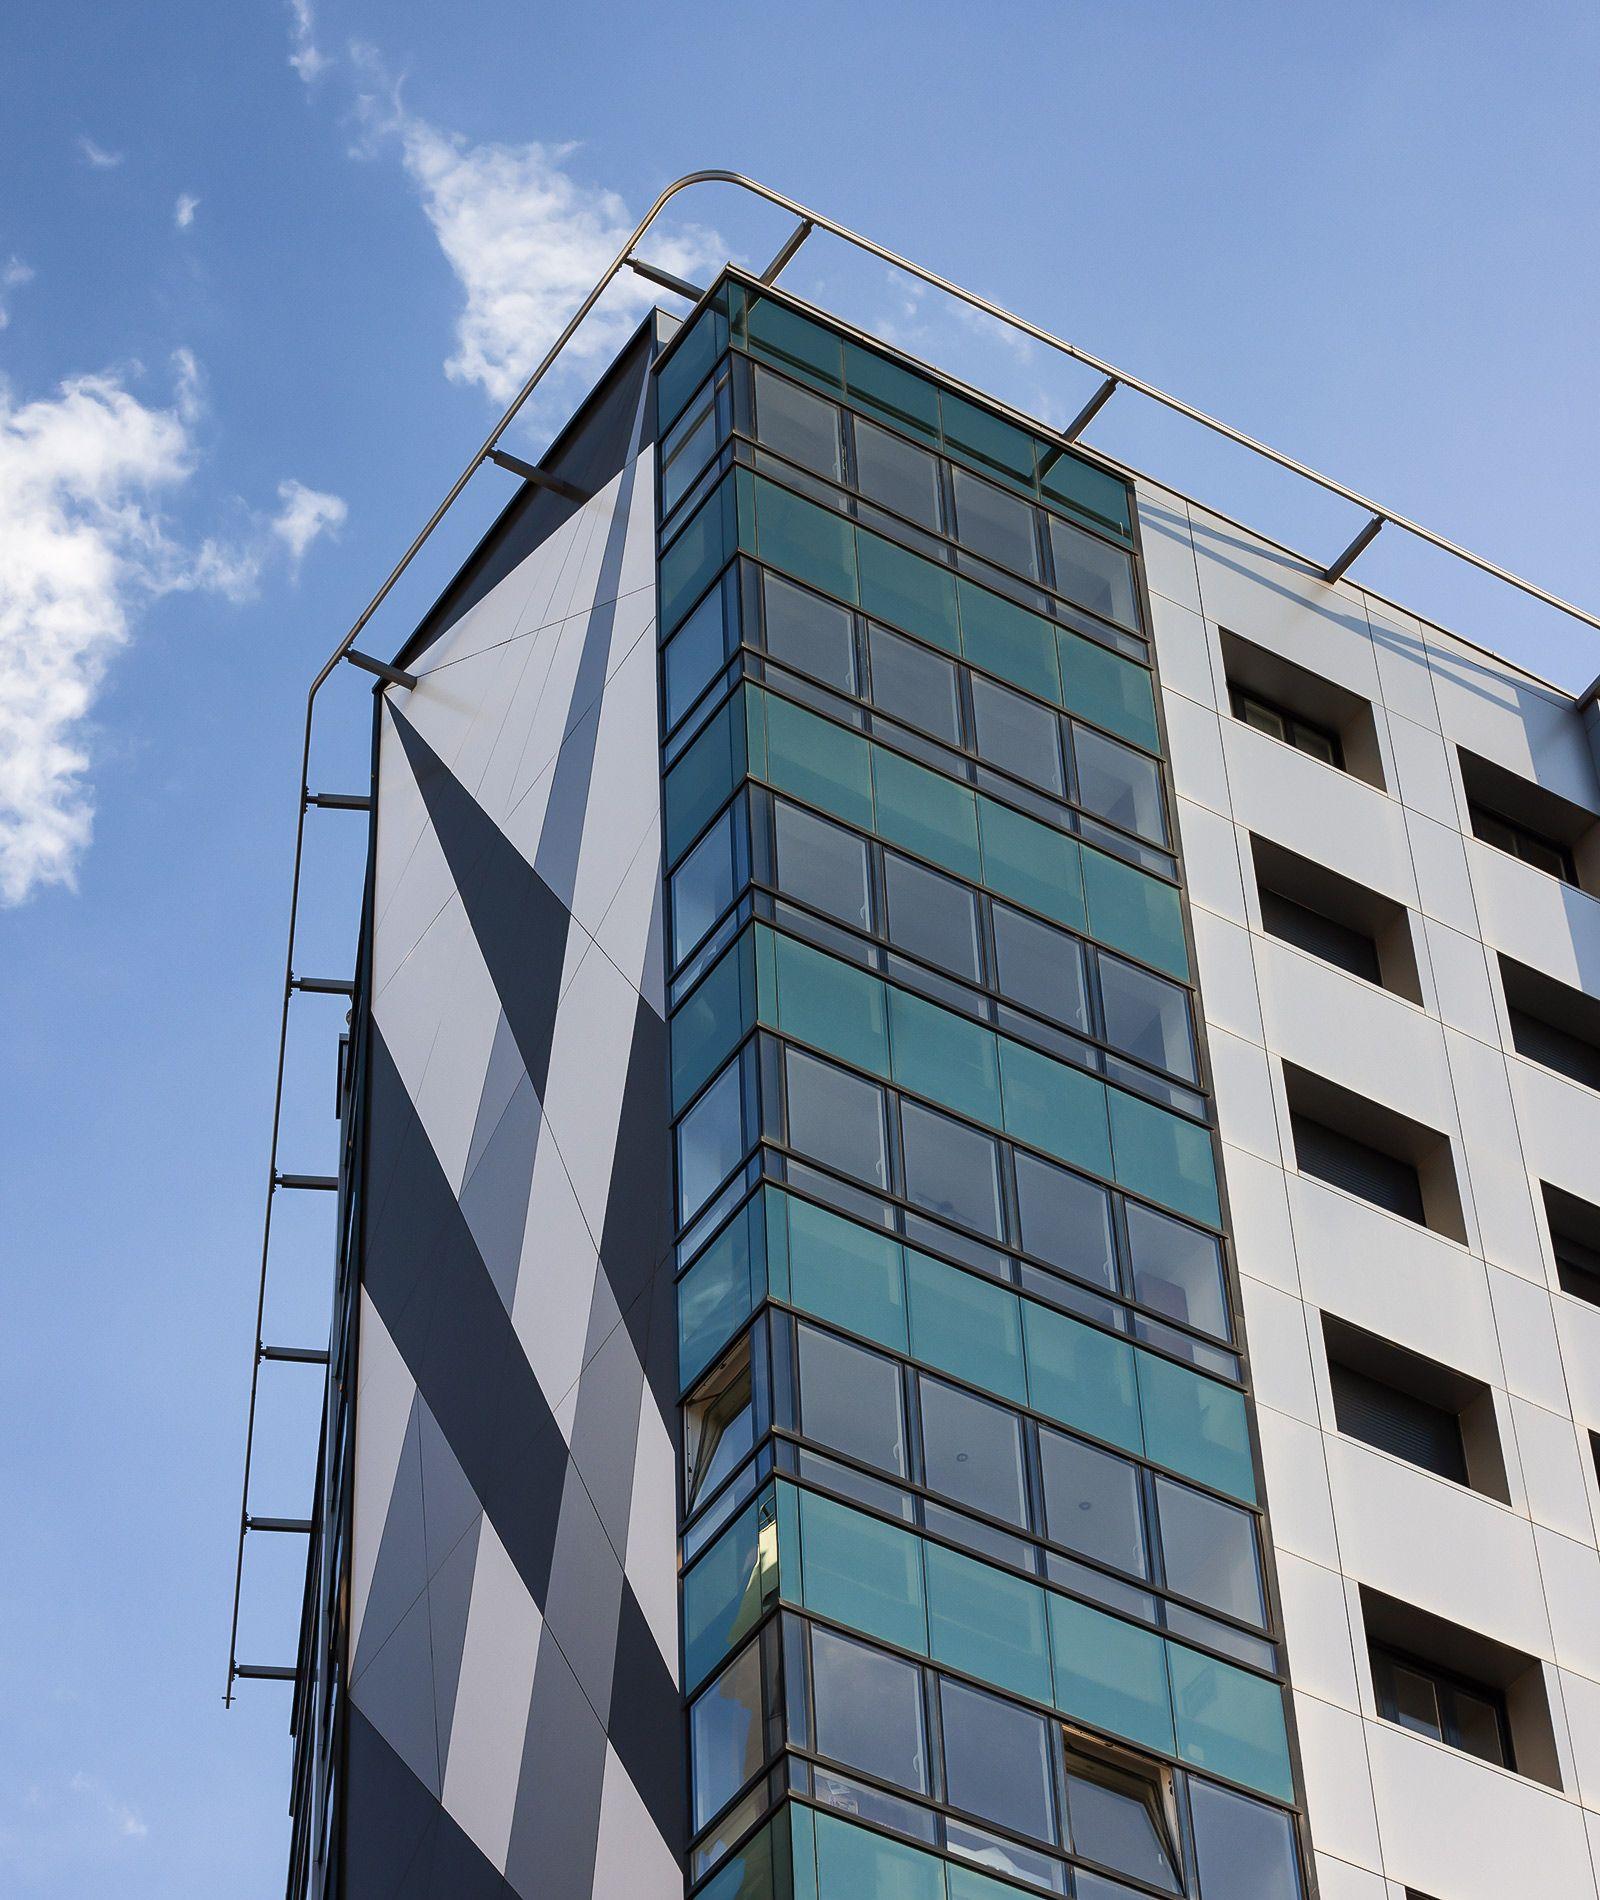 edificio-residencial-gijon-STB-458